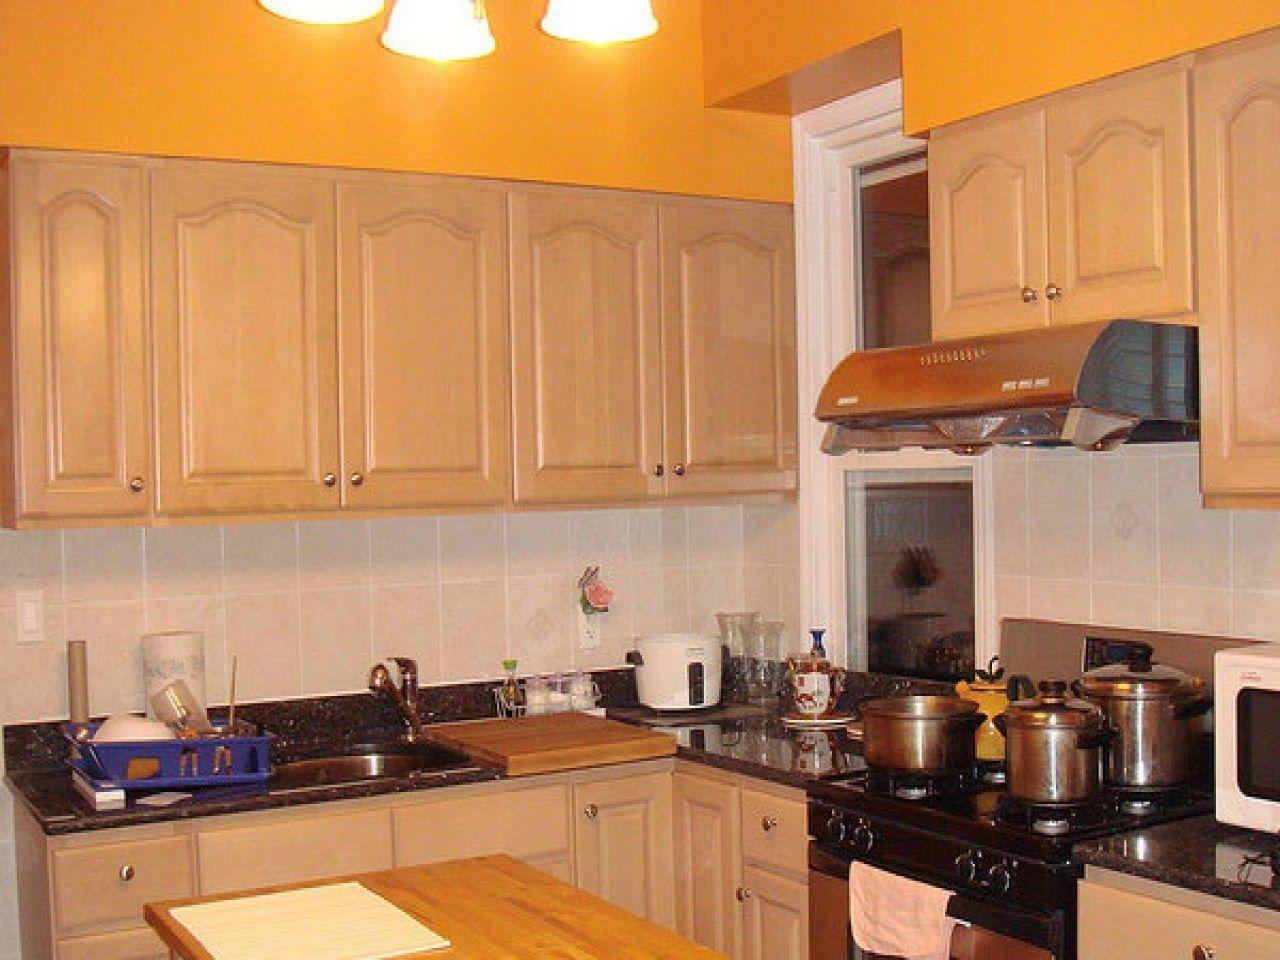 Warm Kitchen Paint Colors Maple Kitchen Cabinets Warm ...